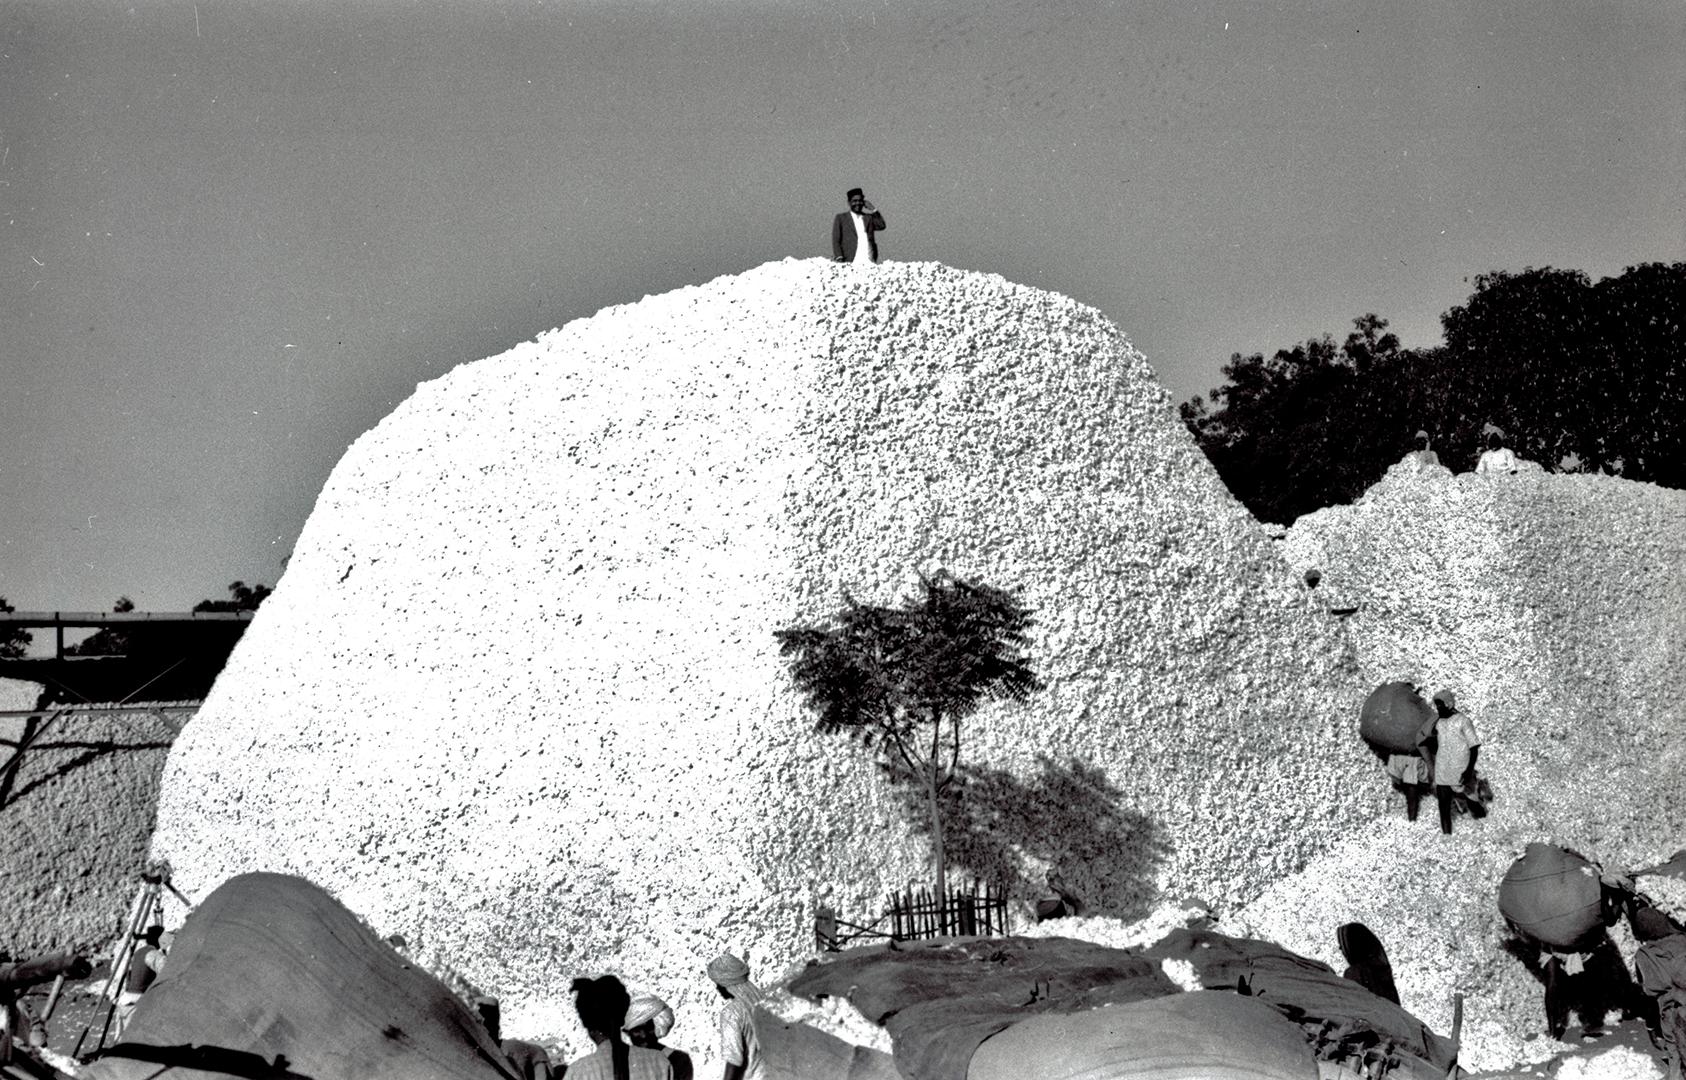 Baumwolle wird in Zentralindien gelagert, an die Küste transportiert, verschifft und in Europa verarbeitet. Die Firma Volkart handelt mit indischer Baumwolle, ab den 1930er-Jahren aber mit grossen Verlusten infolge der Weltwirtschaftskrise und der indischen Unabhängigkeitsbewegung.